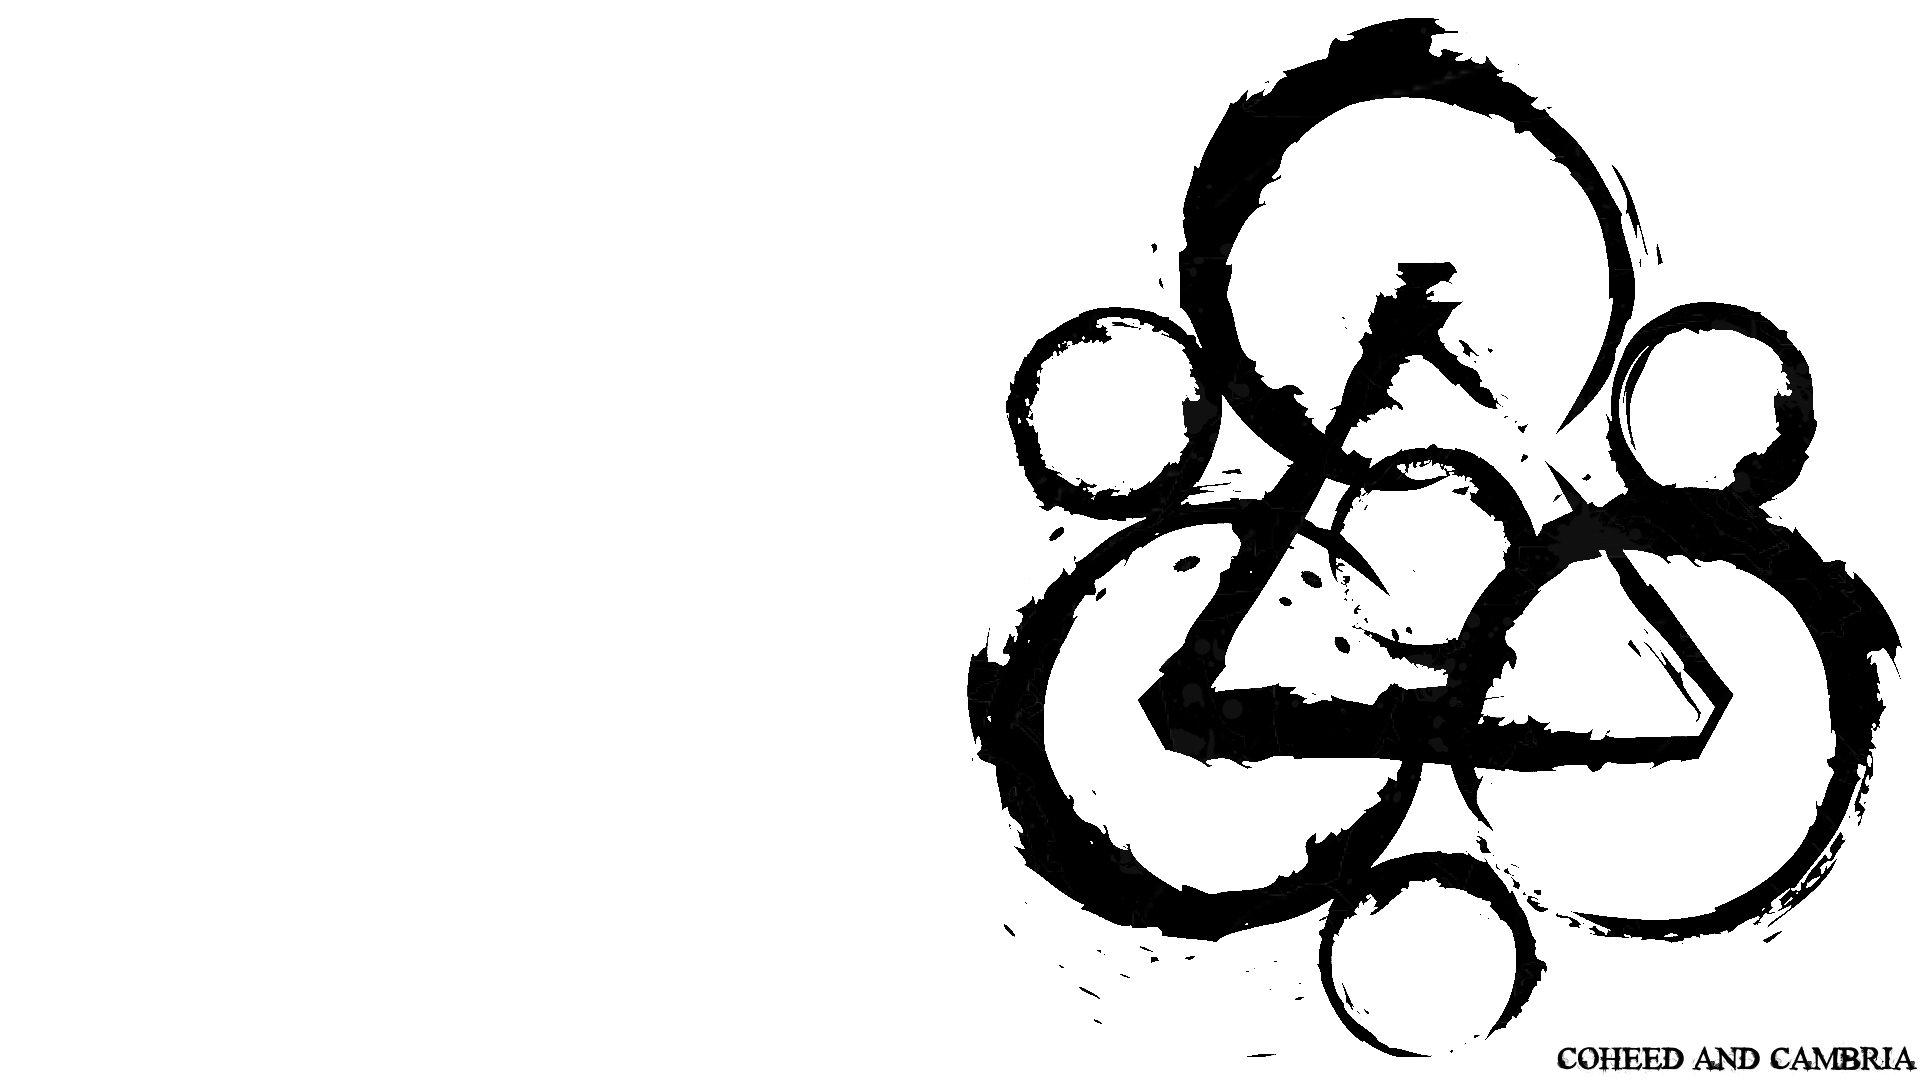 Coheed And Cambria Logos Wallpaper 1920x1080 340076 Wallpaperup